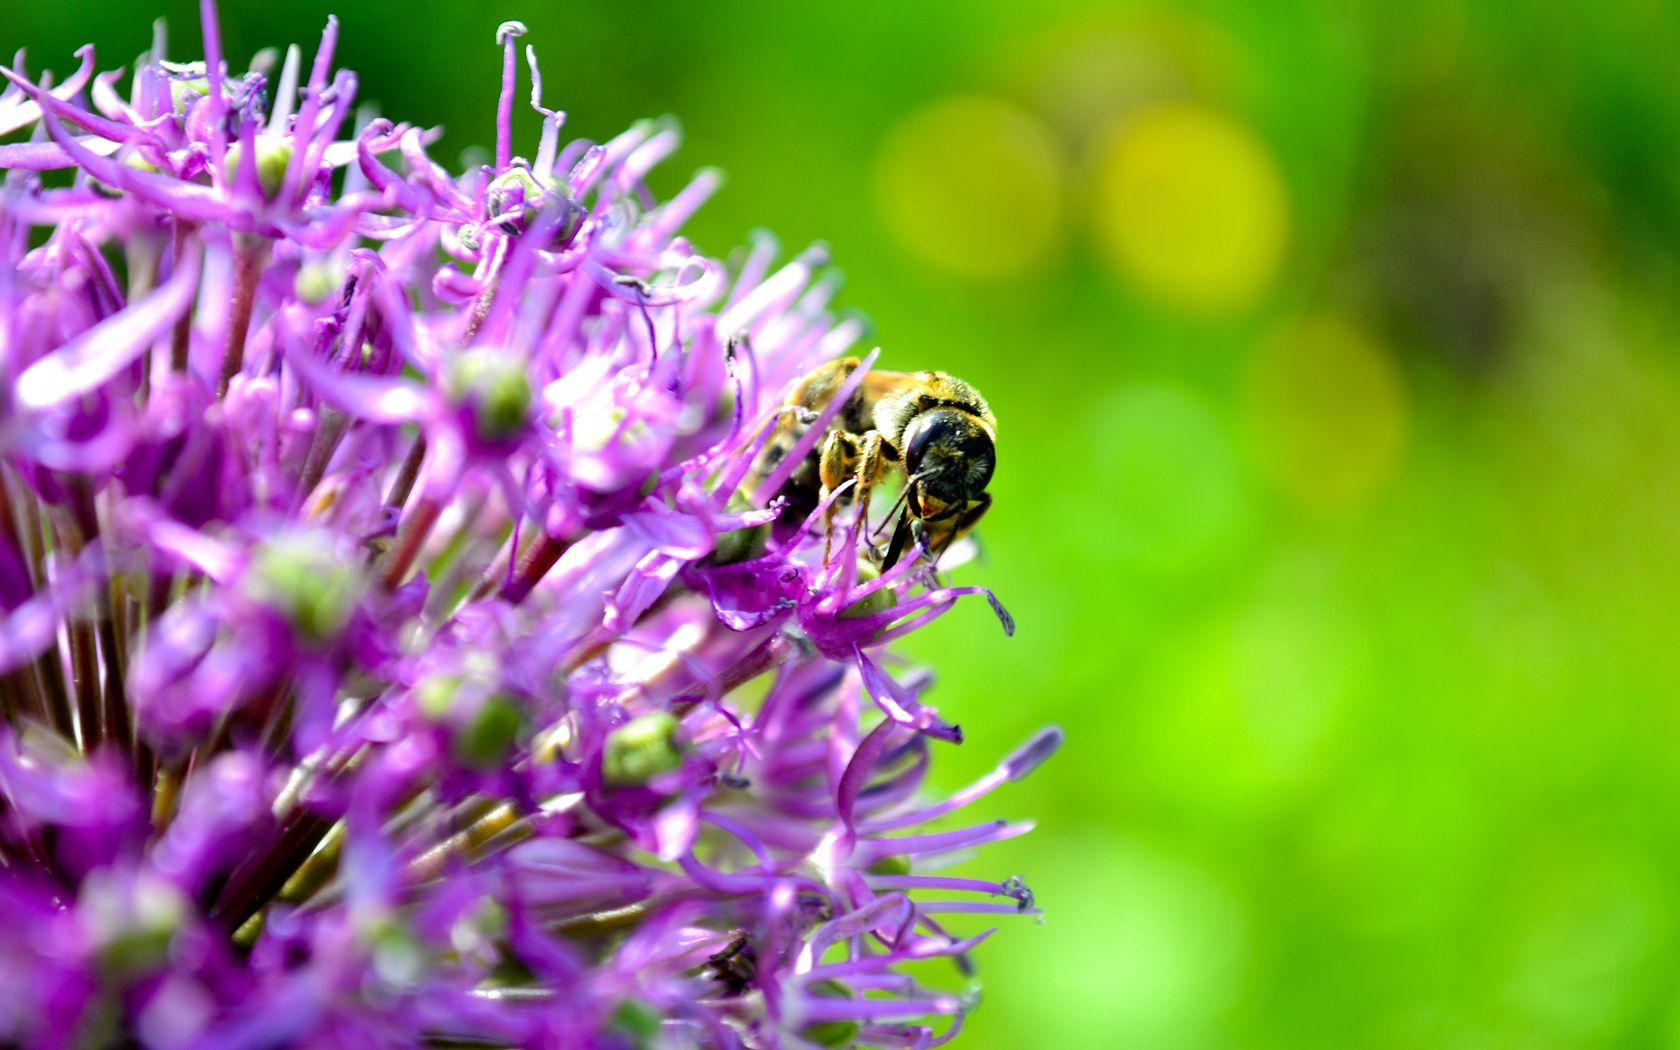 152824 скачать обои Макро, Пчела, Цветок, Опыление, Фон - заставки и картинки бесплатно